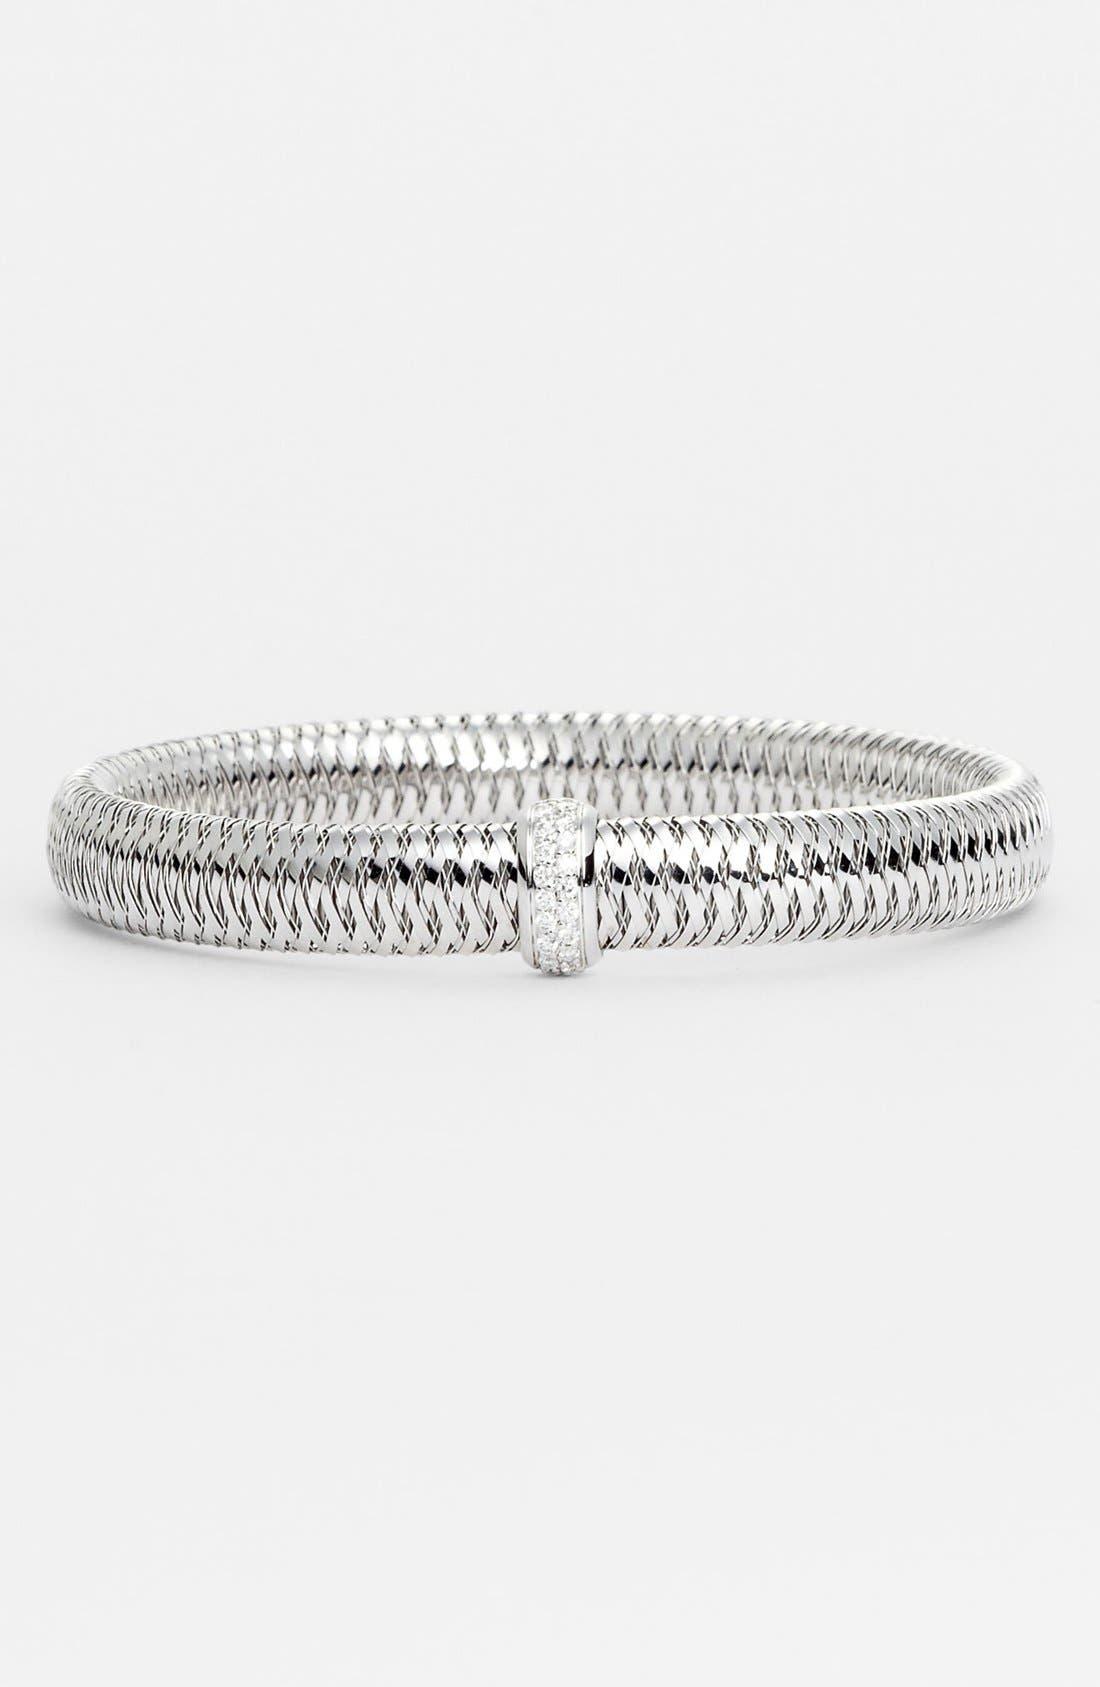 Main Image - Roberto Coin 'Primavera' Medium Diamond Bracelet